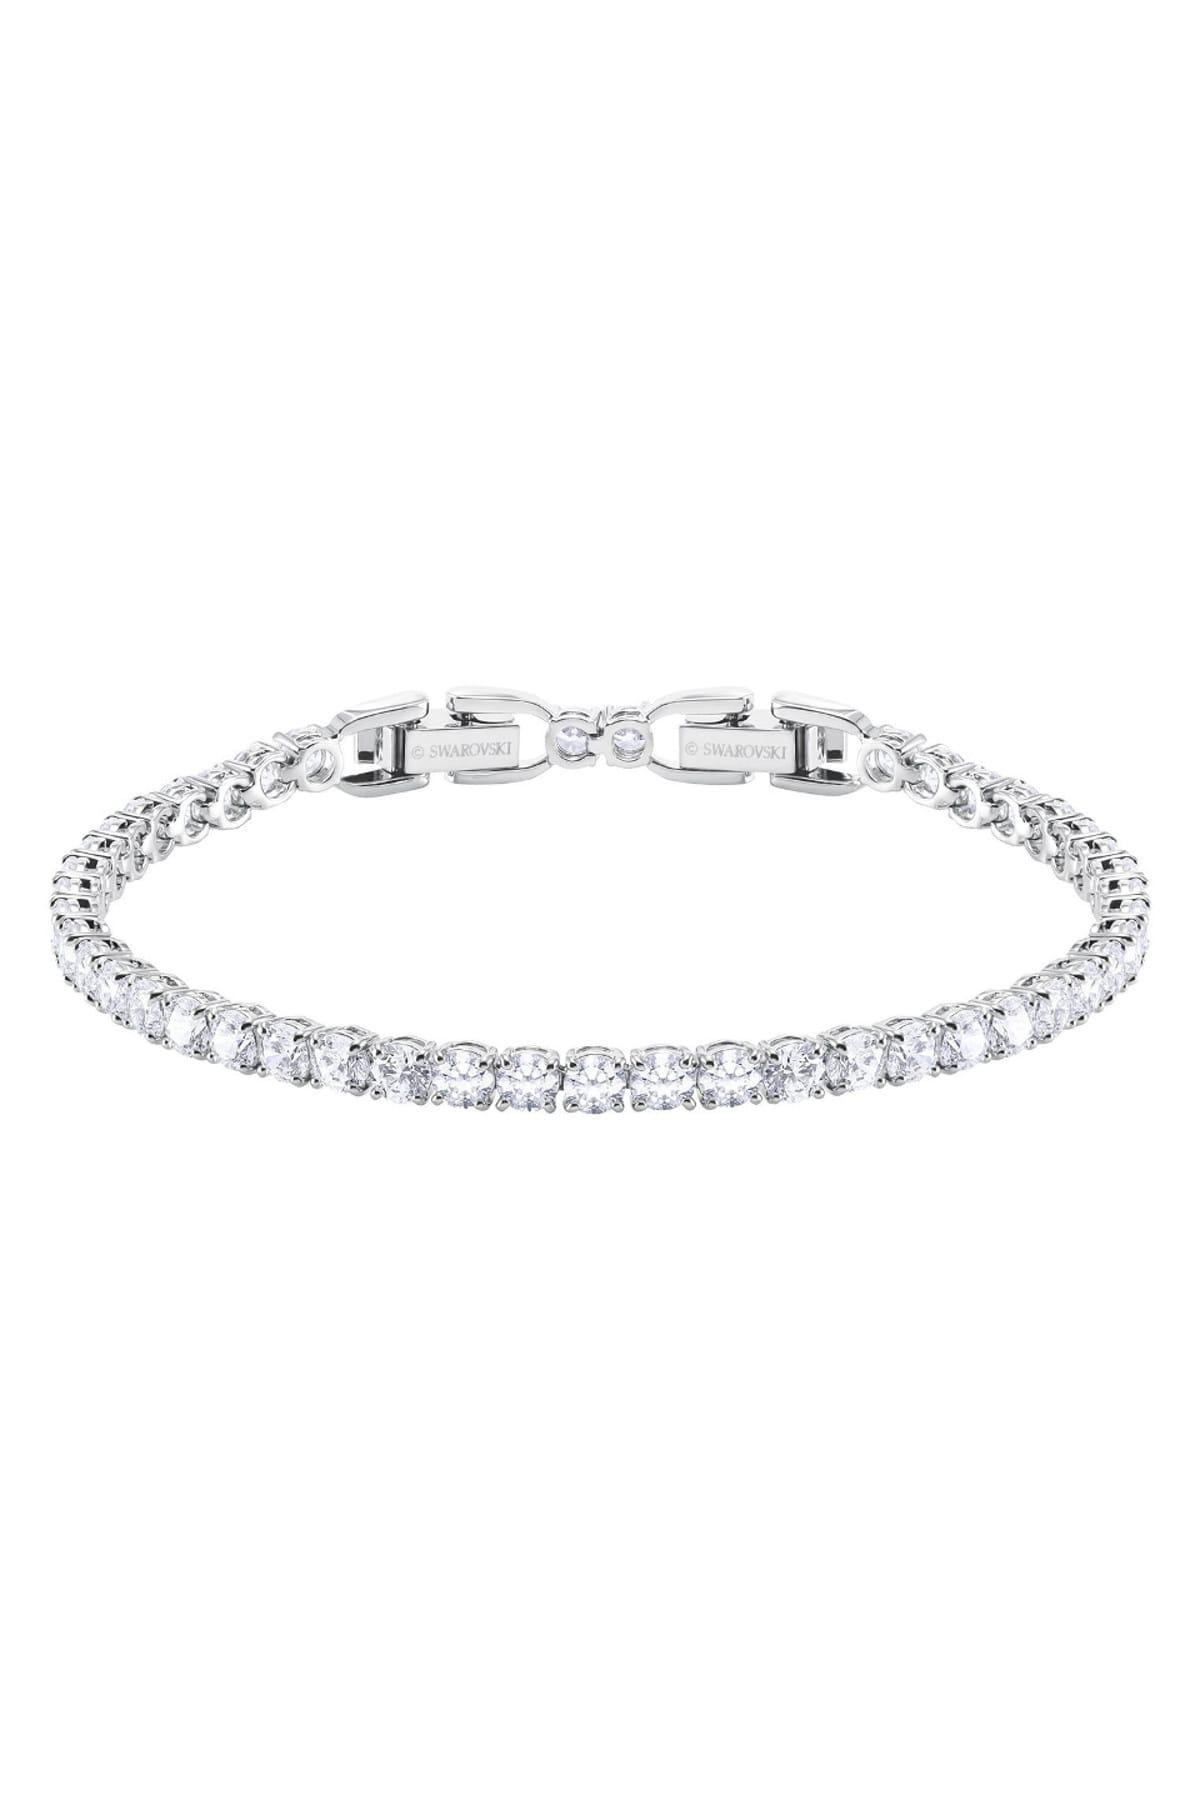 Swarovski Kadın Bilezik Tennis:Bracelet Rnd Dlx Czwh/Rhs M 5409771 2